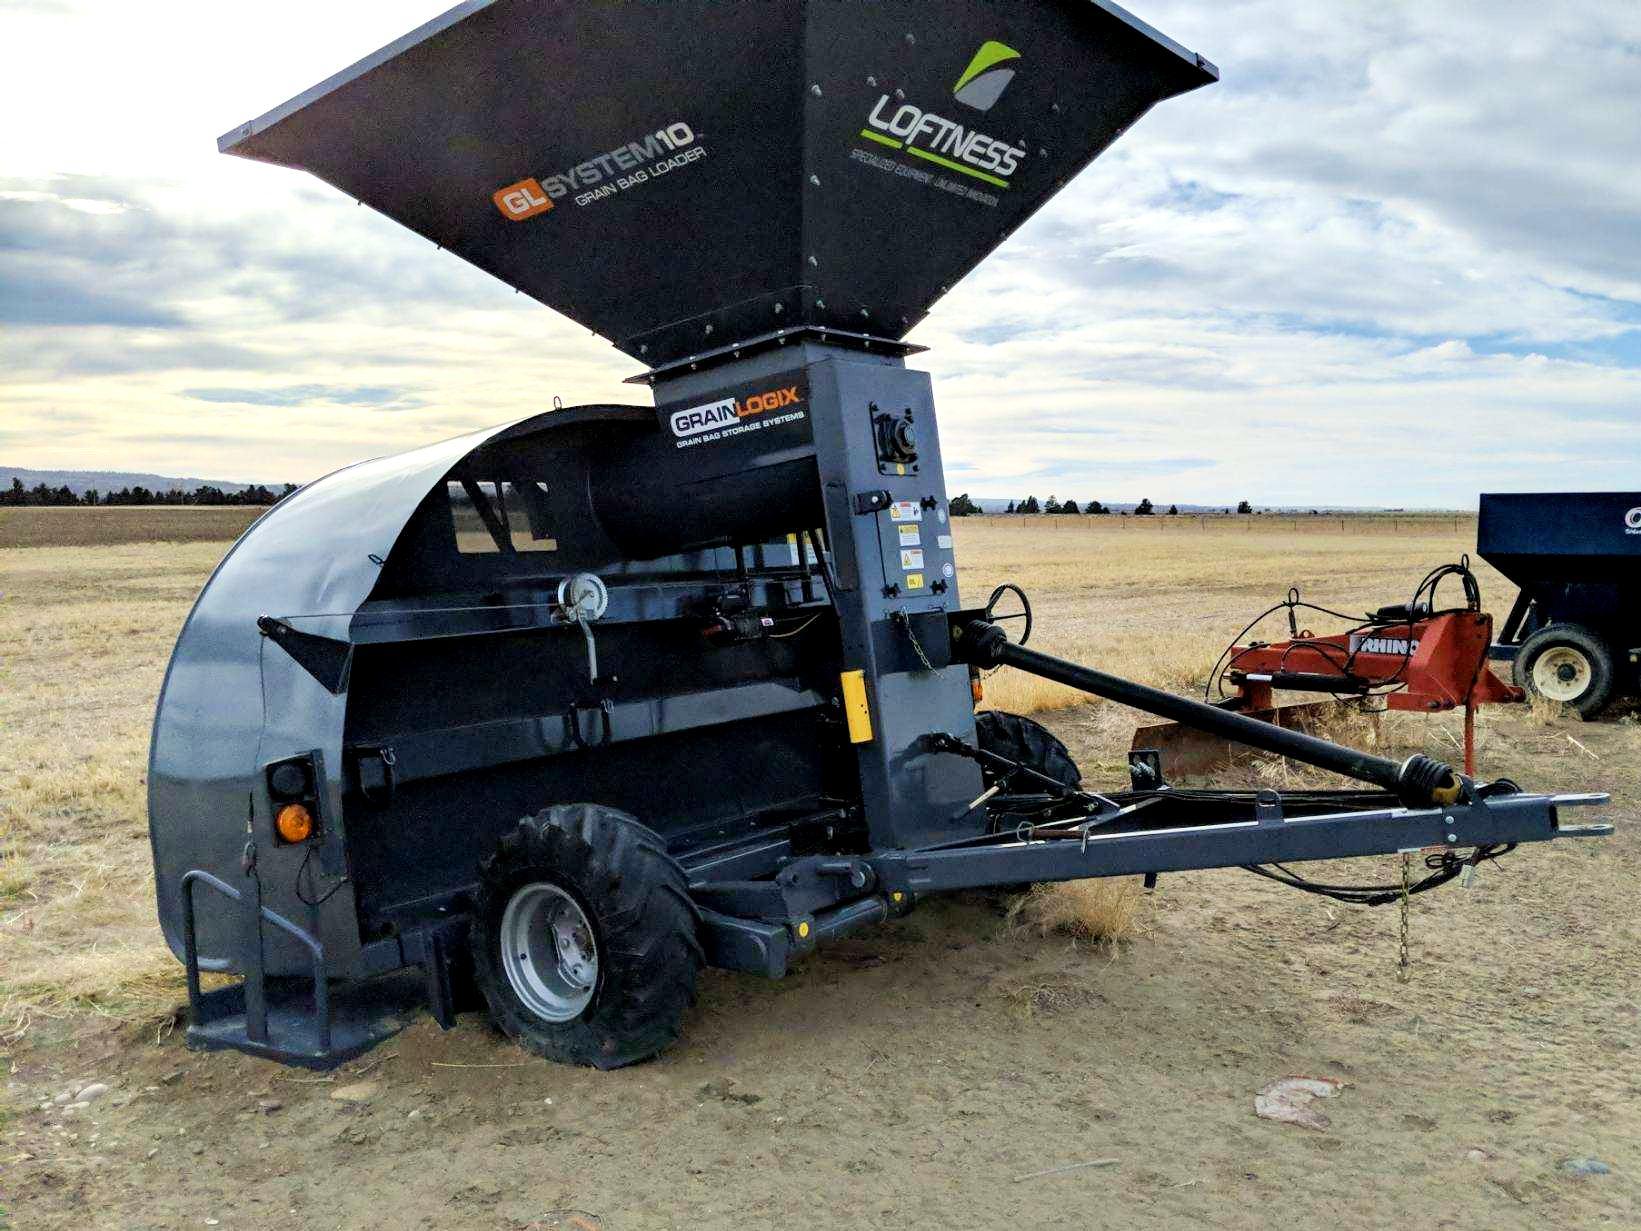 2016 Loftness GBL10 Grain Bagger